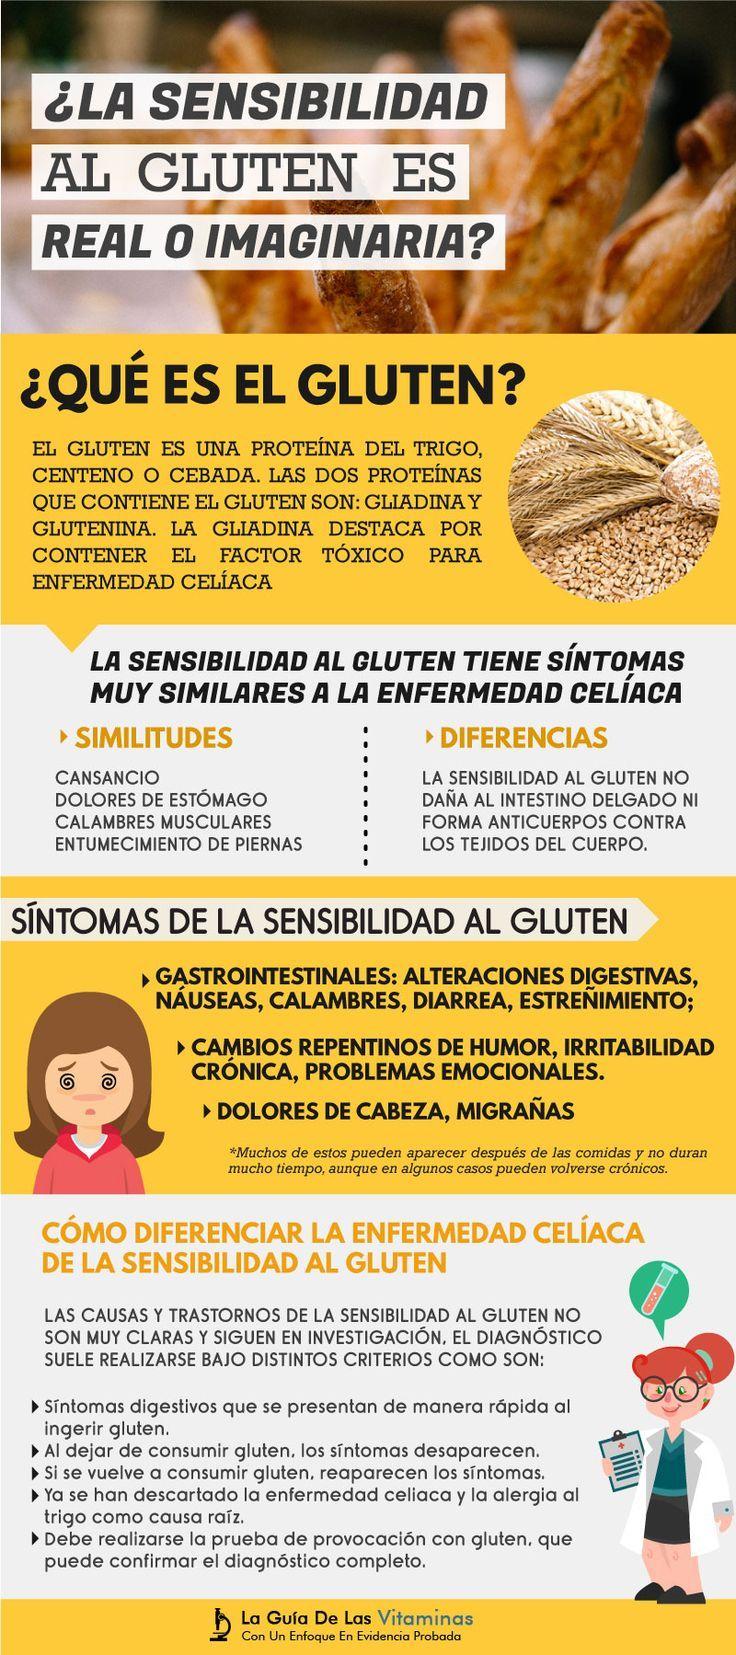 Celiaquia perdida de peso repentina